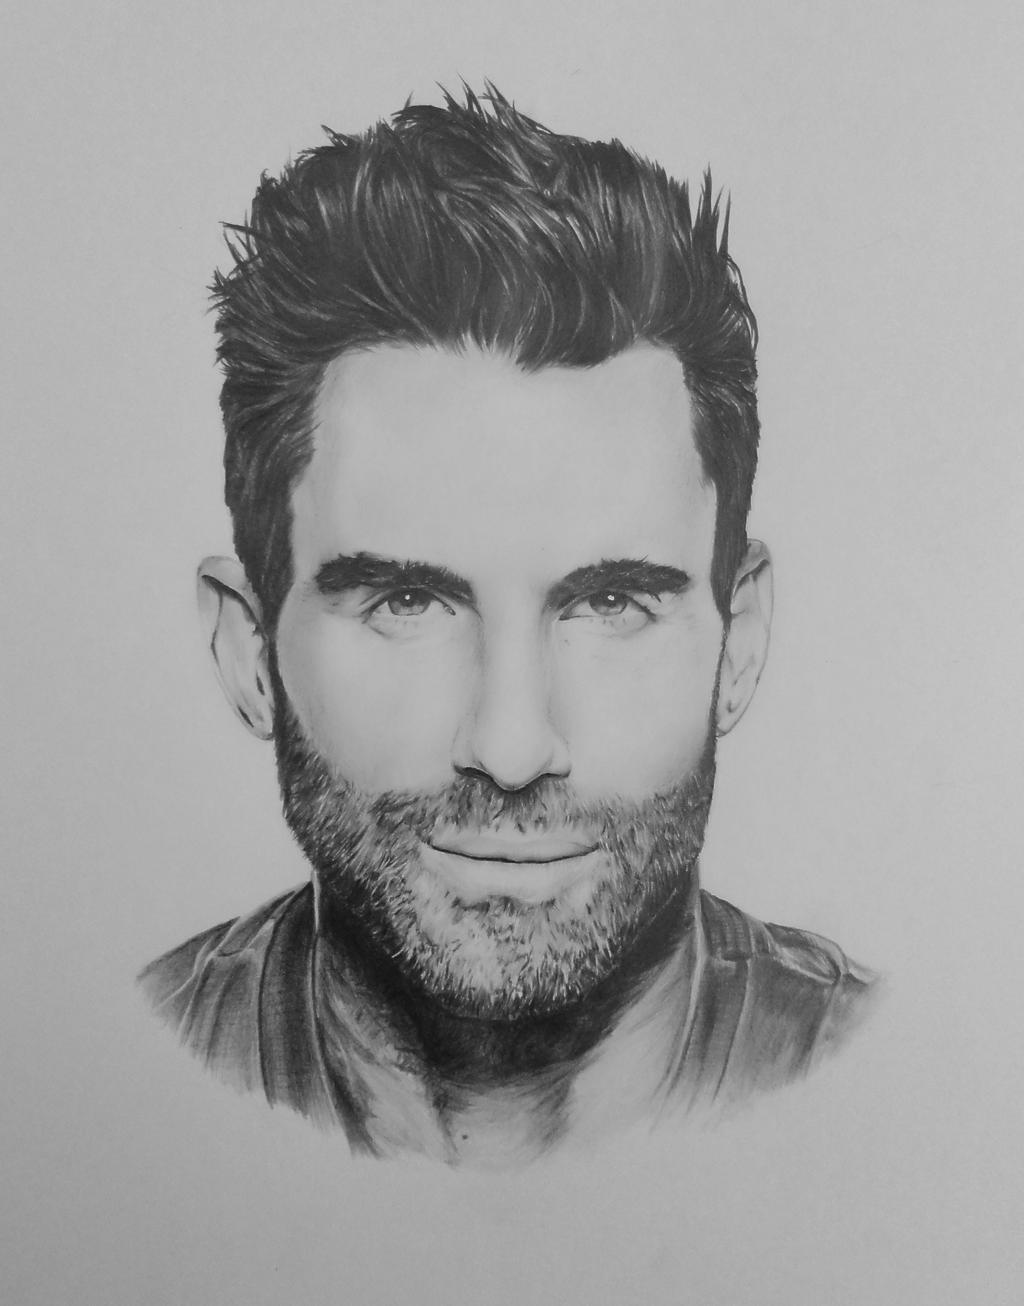 Adam Levine By Law3208 On DeviantArt